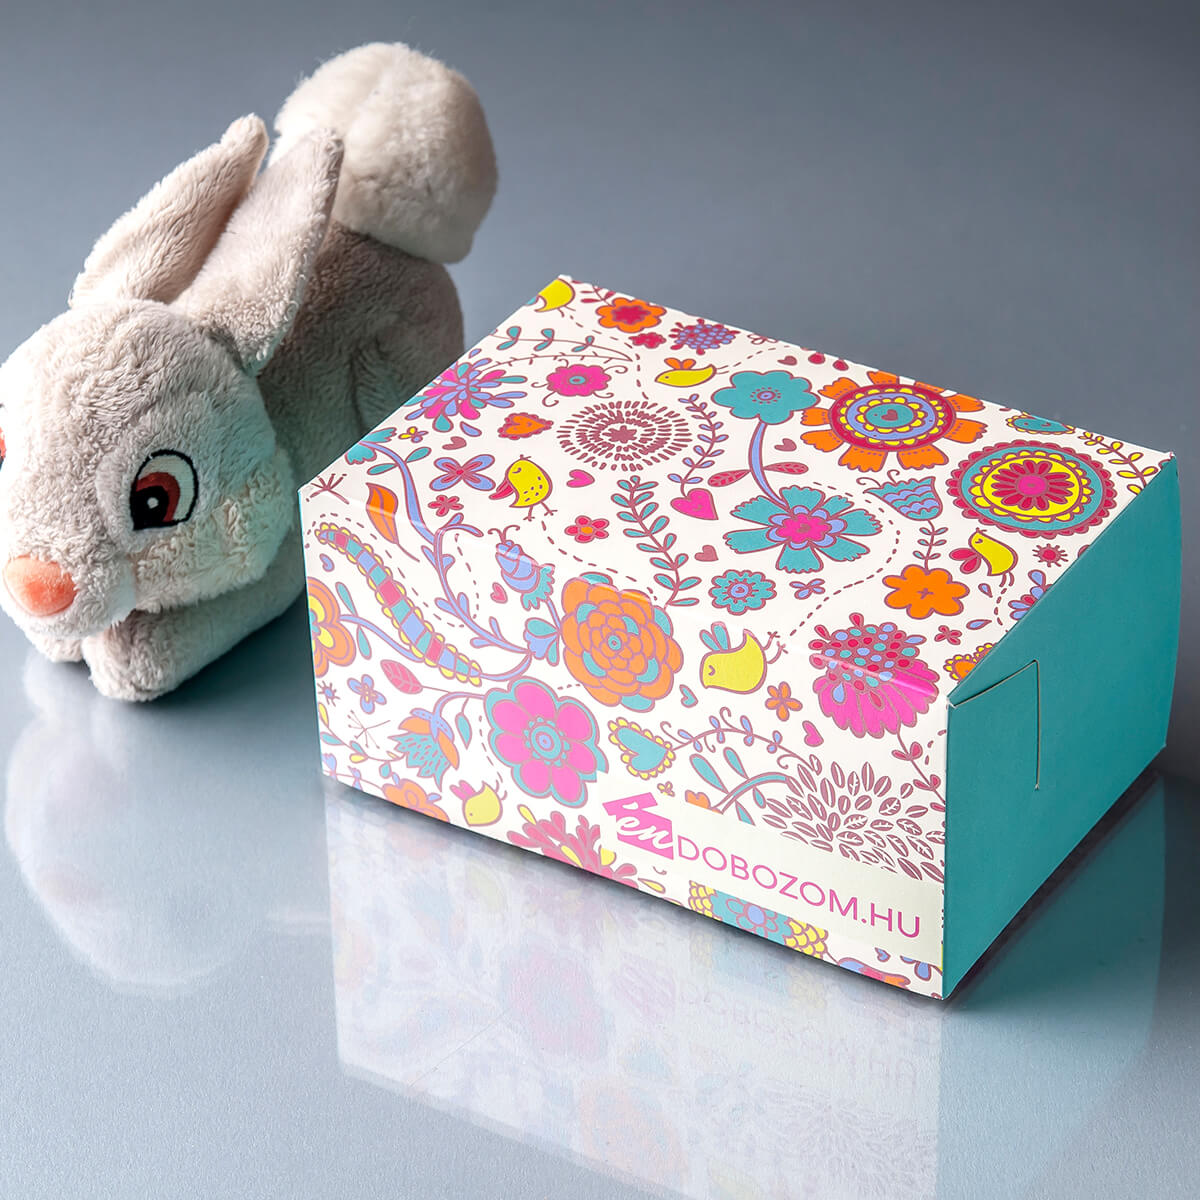 Süteményes doboz egyéb felhasználással